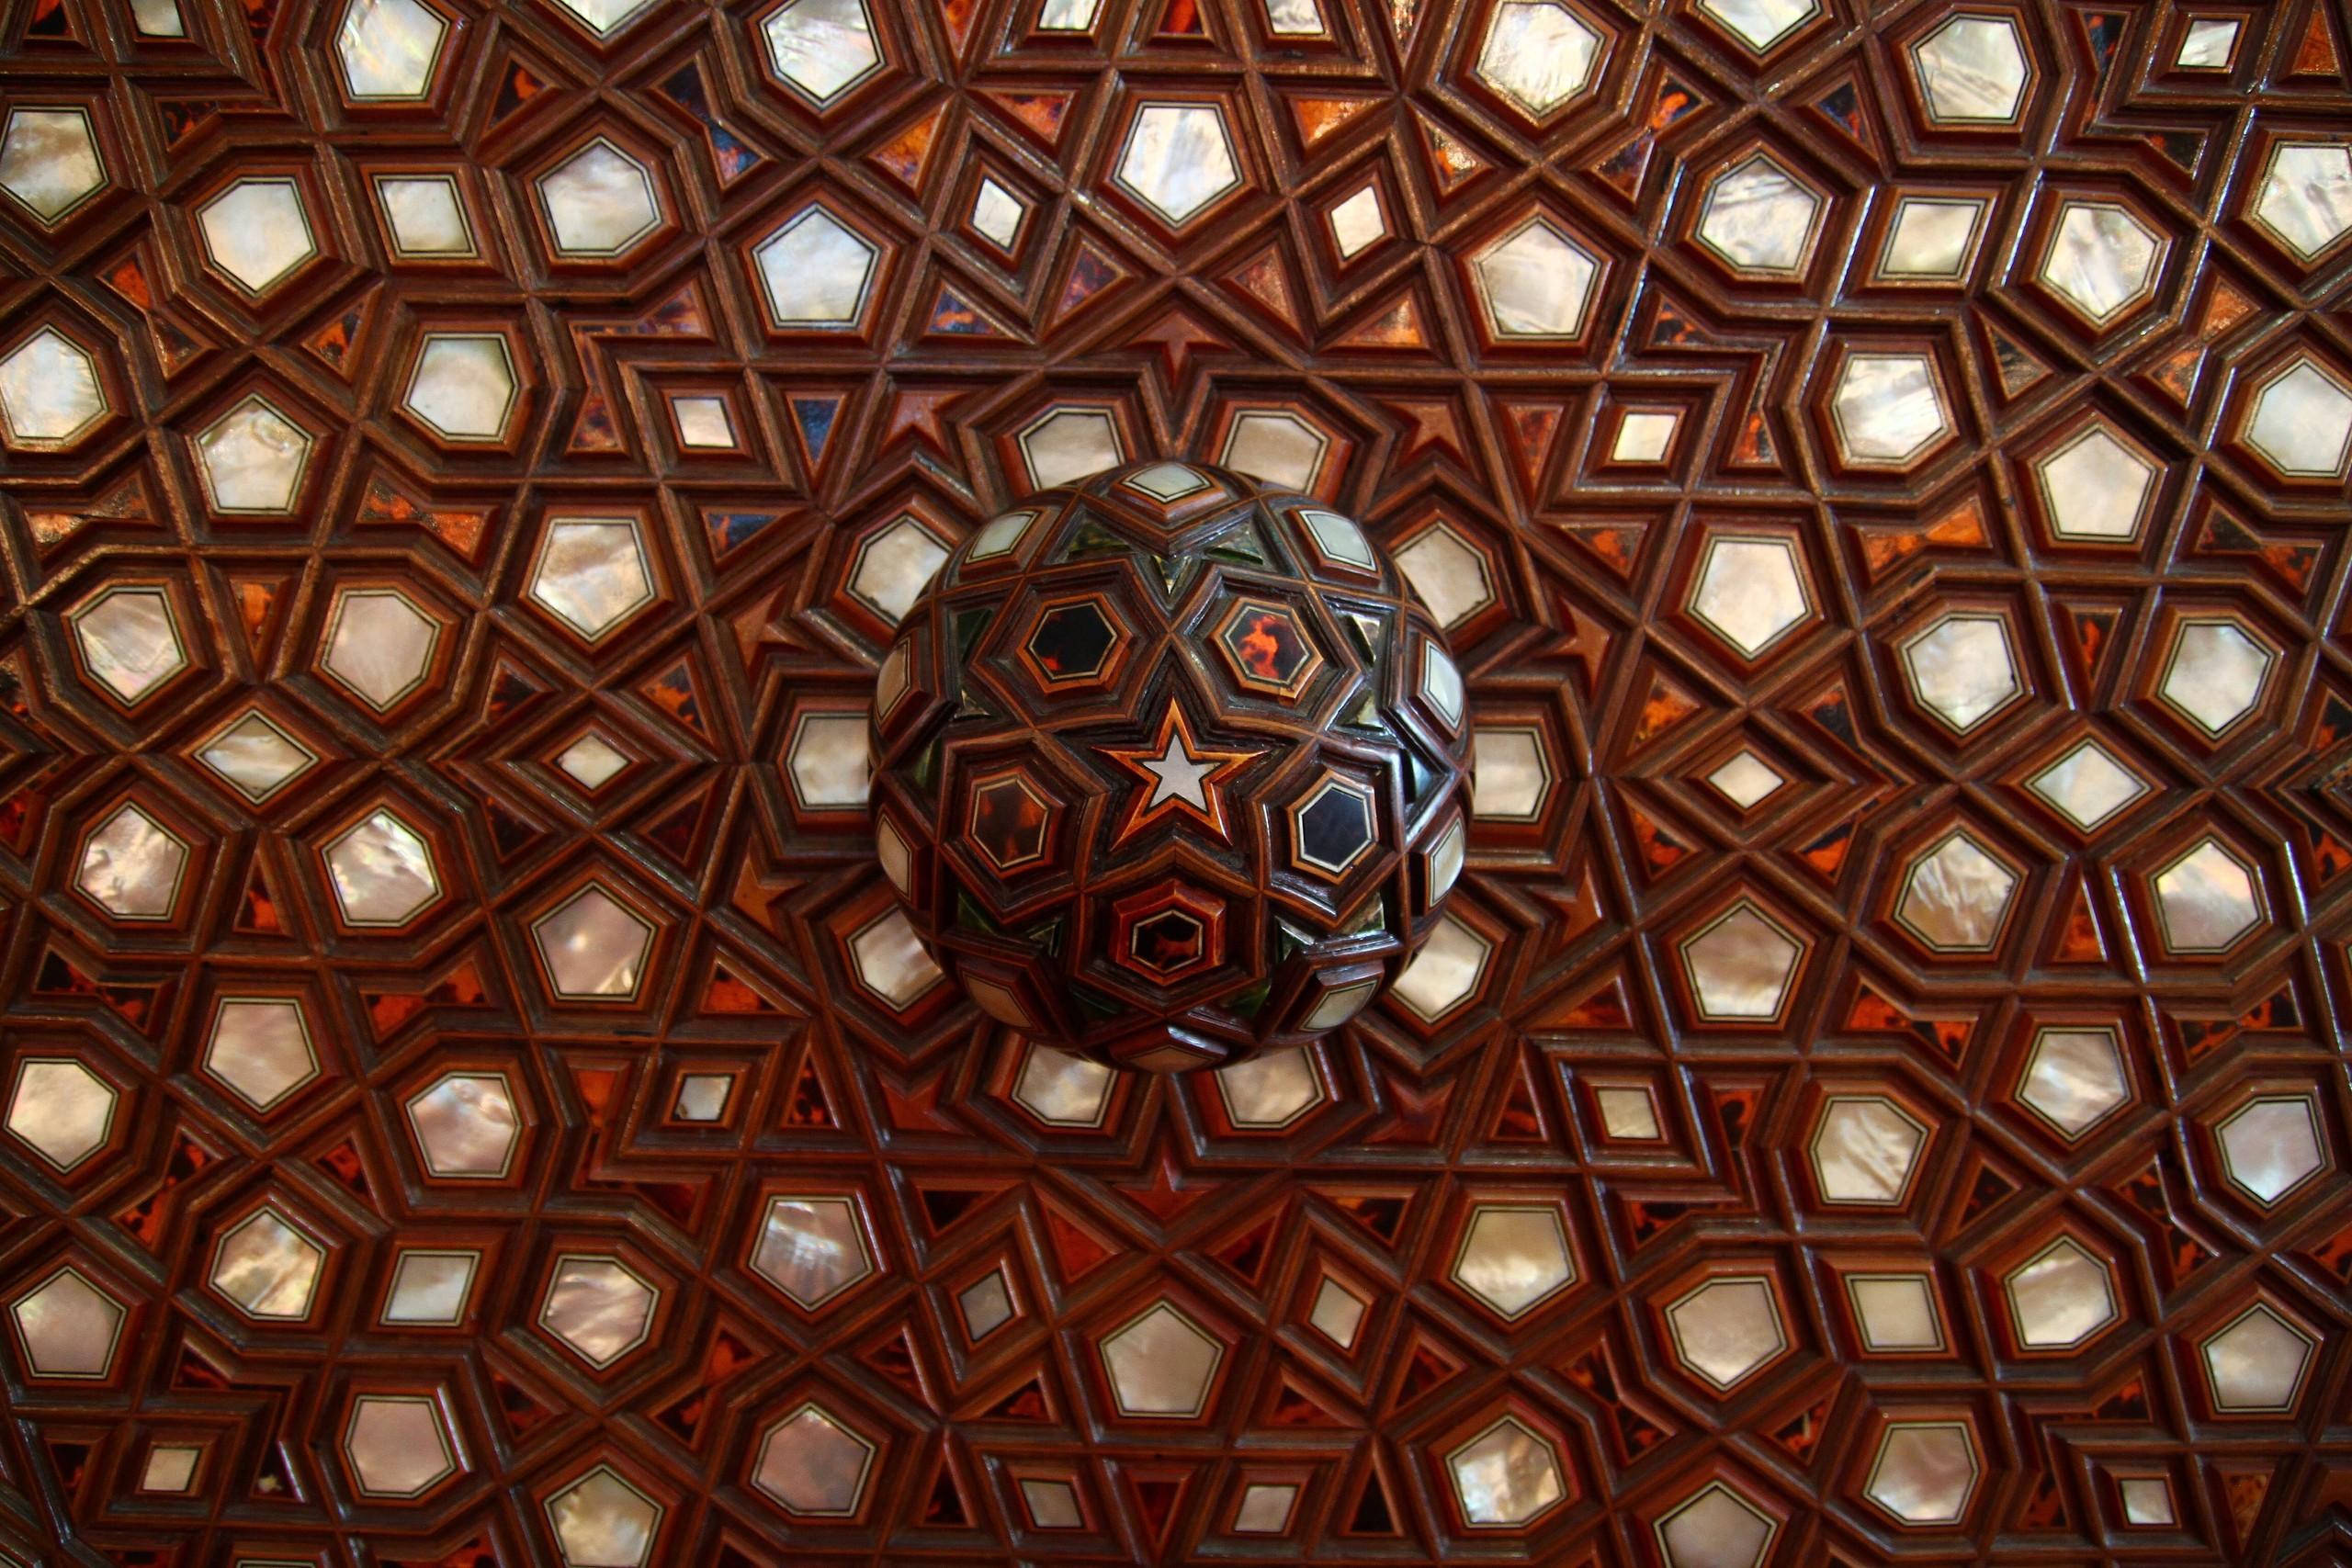 Pırlantadan Kubbeler #5: Sultanahmed - 1daOl1 - Pırlantadan Kubbeler #5: Sultanahmed